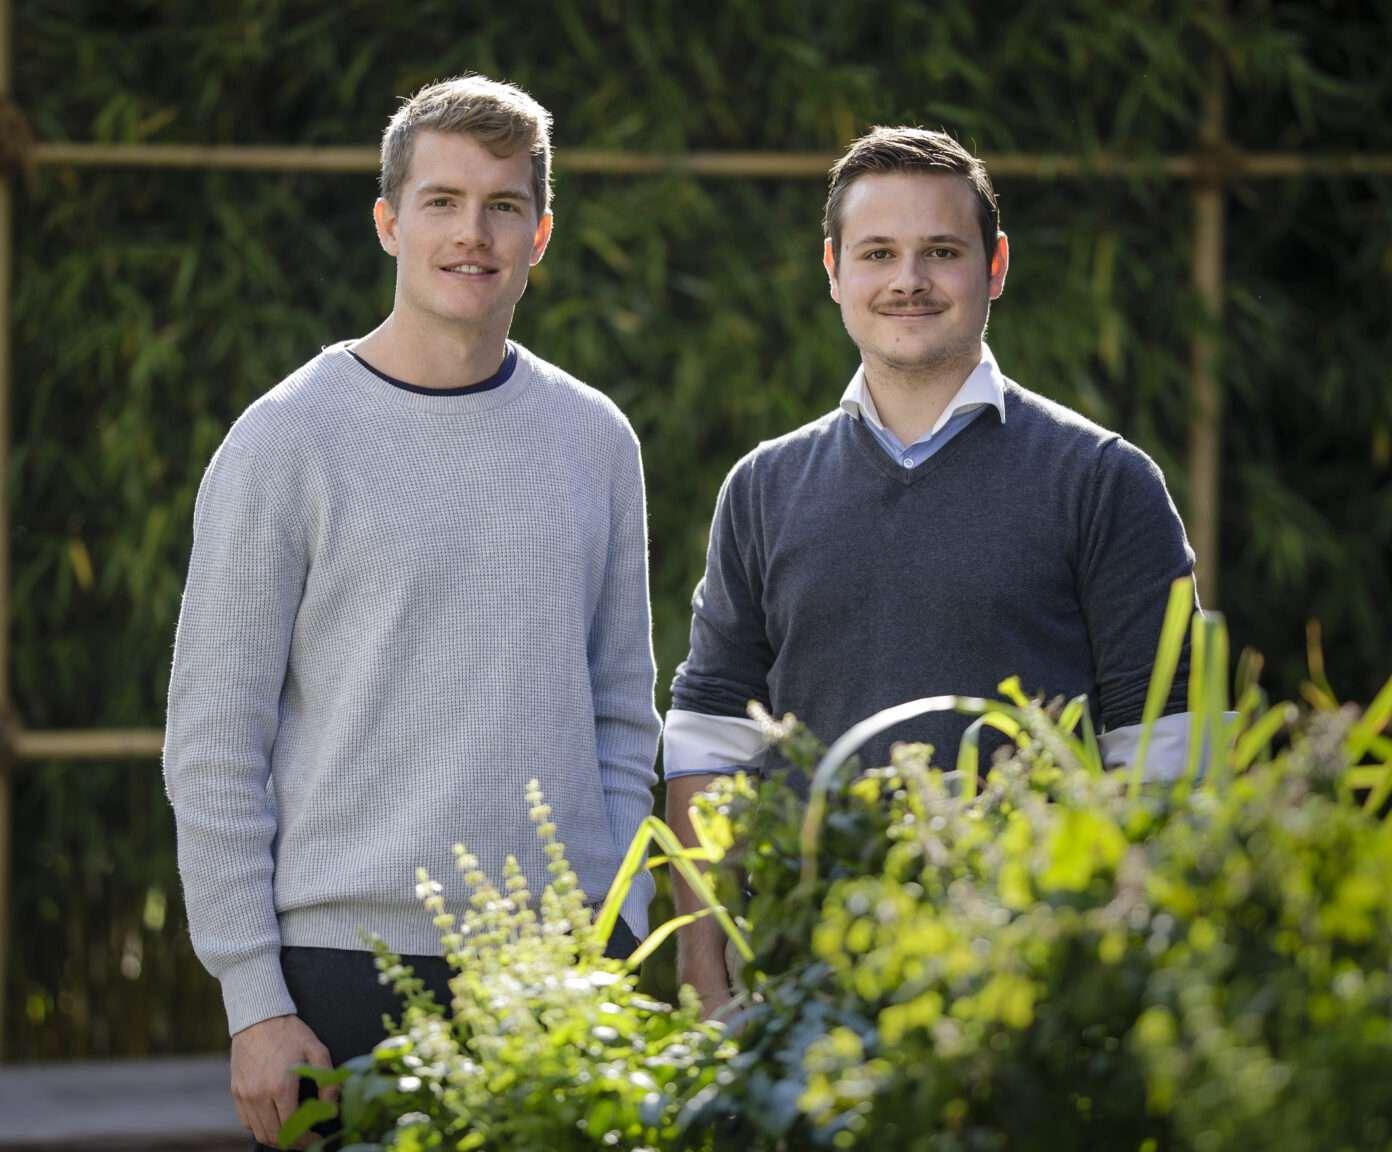 Vereinen Nachhaltigkeit und Erfolg: Patrik Deuss und Patrik Kuster von LEDCity